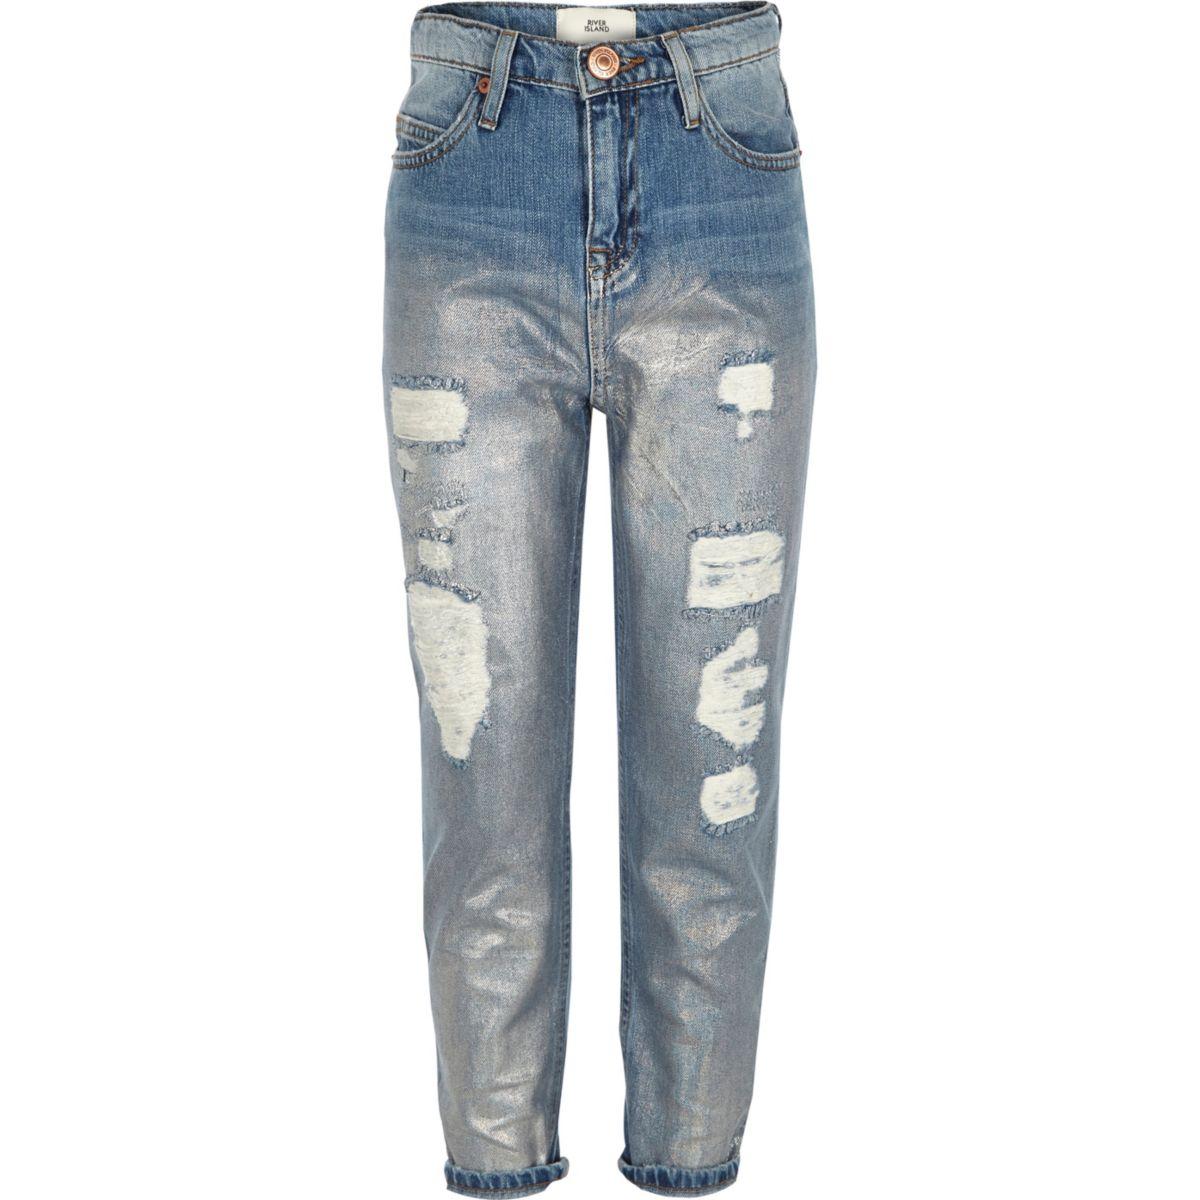 Girls blue holographic girlfriend denim jeans - Denim - Sale - girls